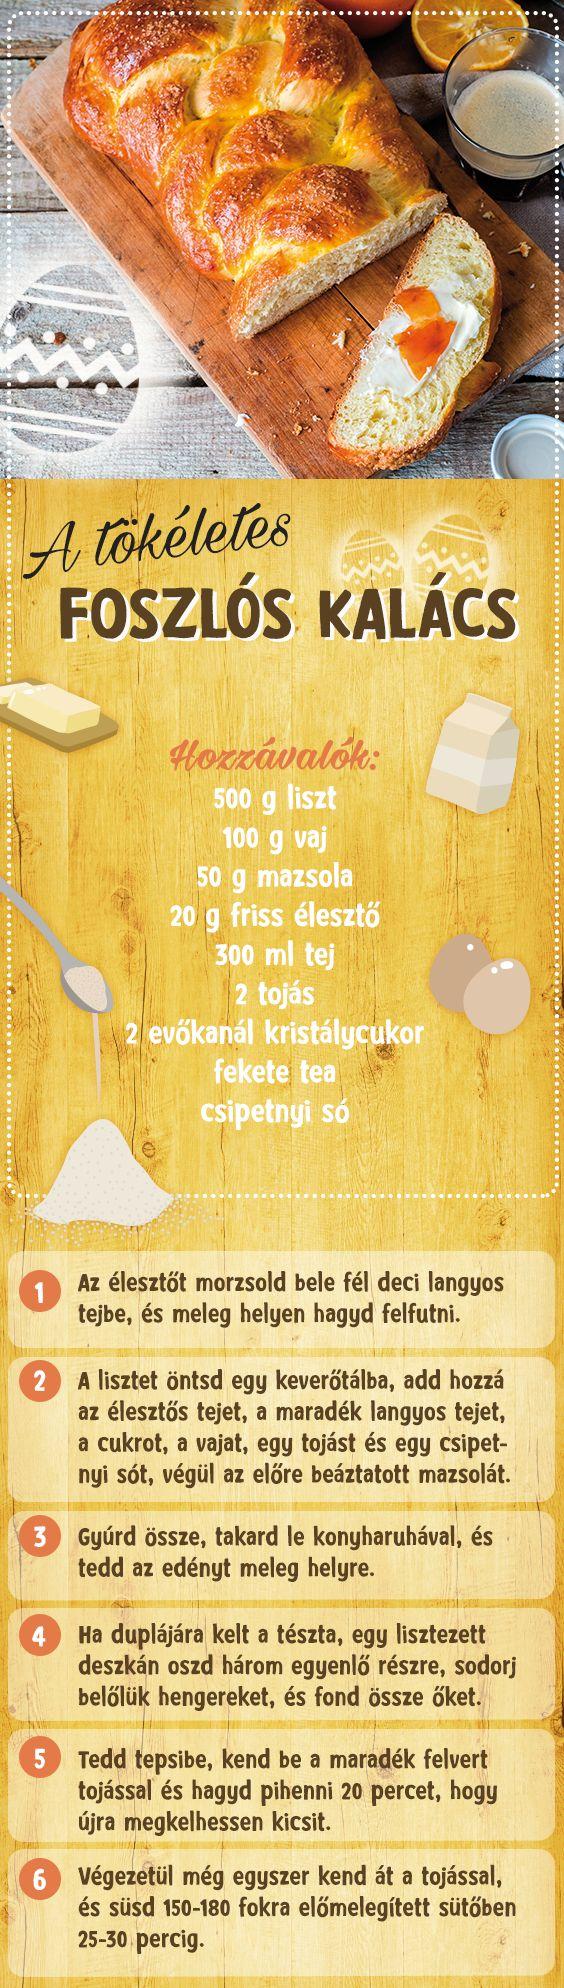 A tökéletes kalács receptjét keresed? Ne menj tovább! #Tesco #TescoHúsvét #Húsvét